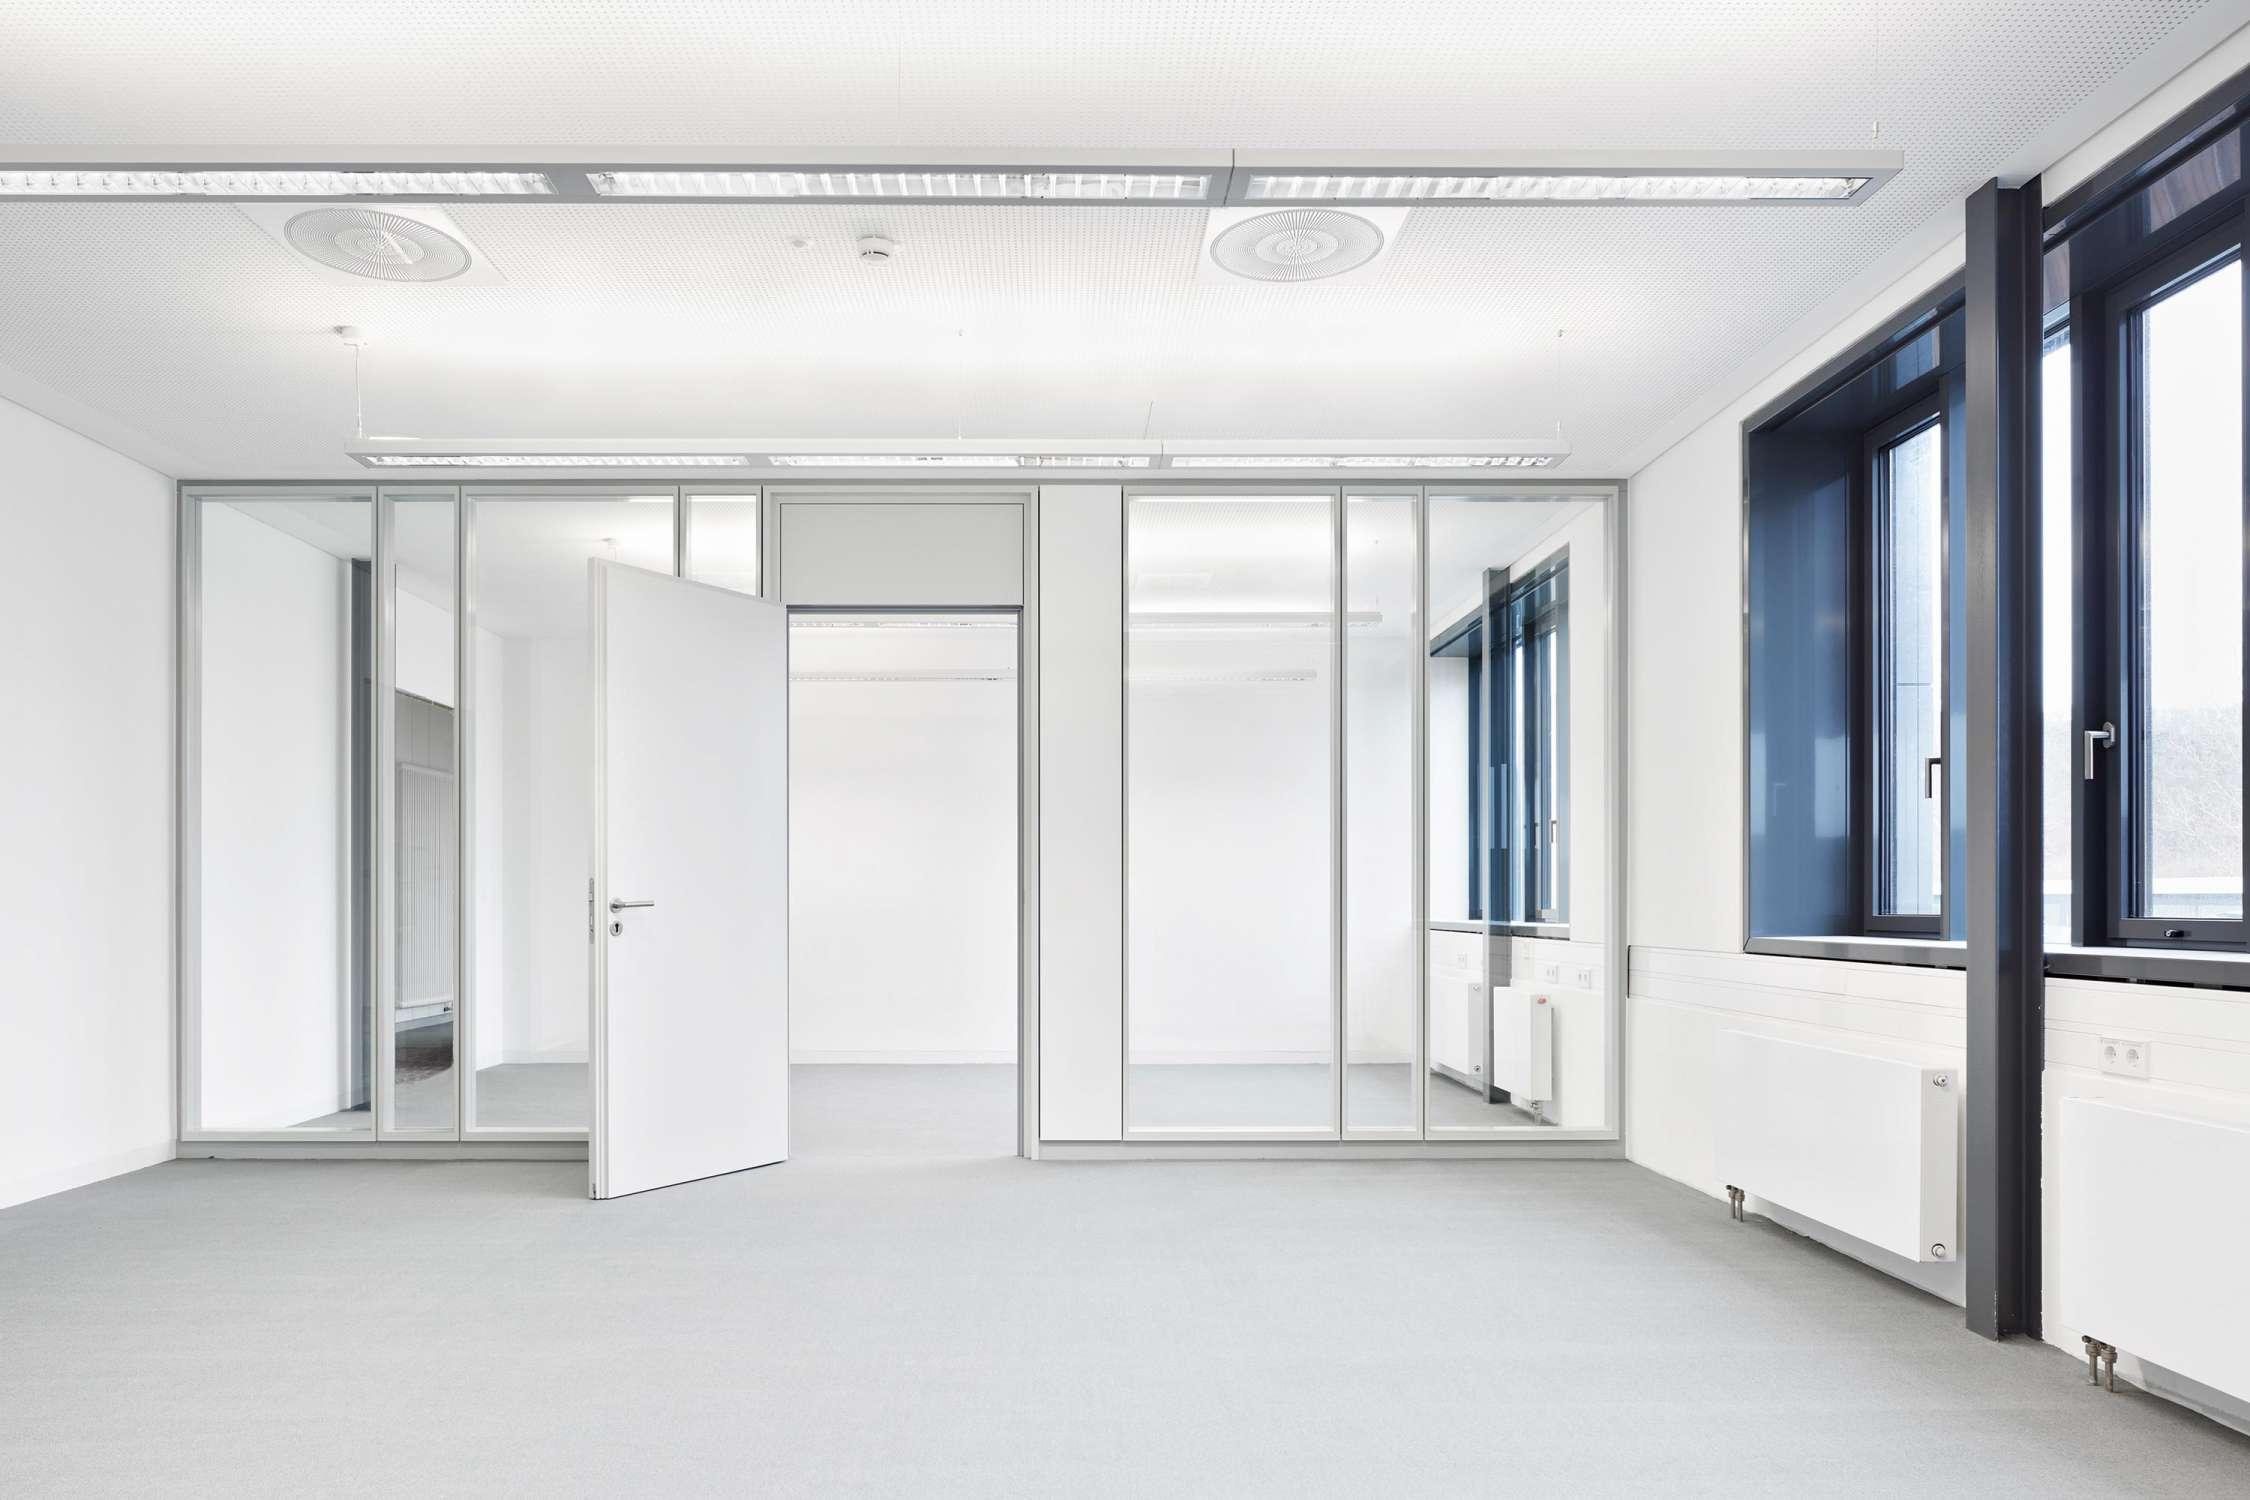 Umbau und energetische Sanierung Verwaltungsgebäude (4)